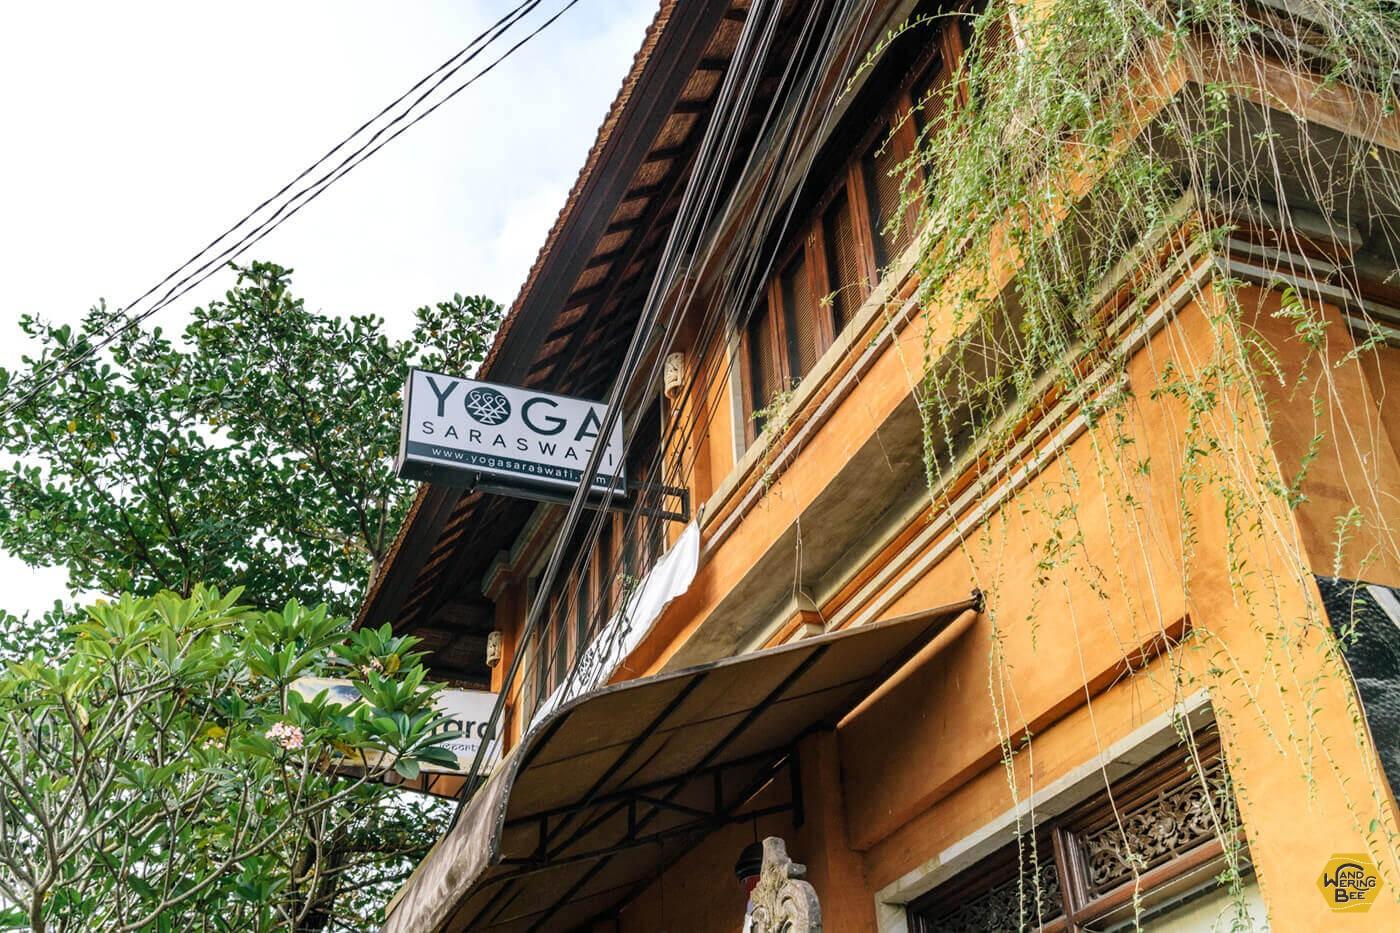 観光客で賑わう通りにあるYoga Saraswati